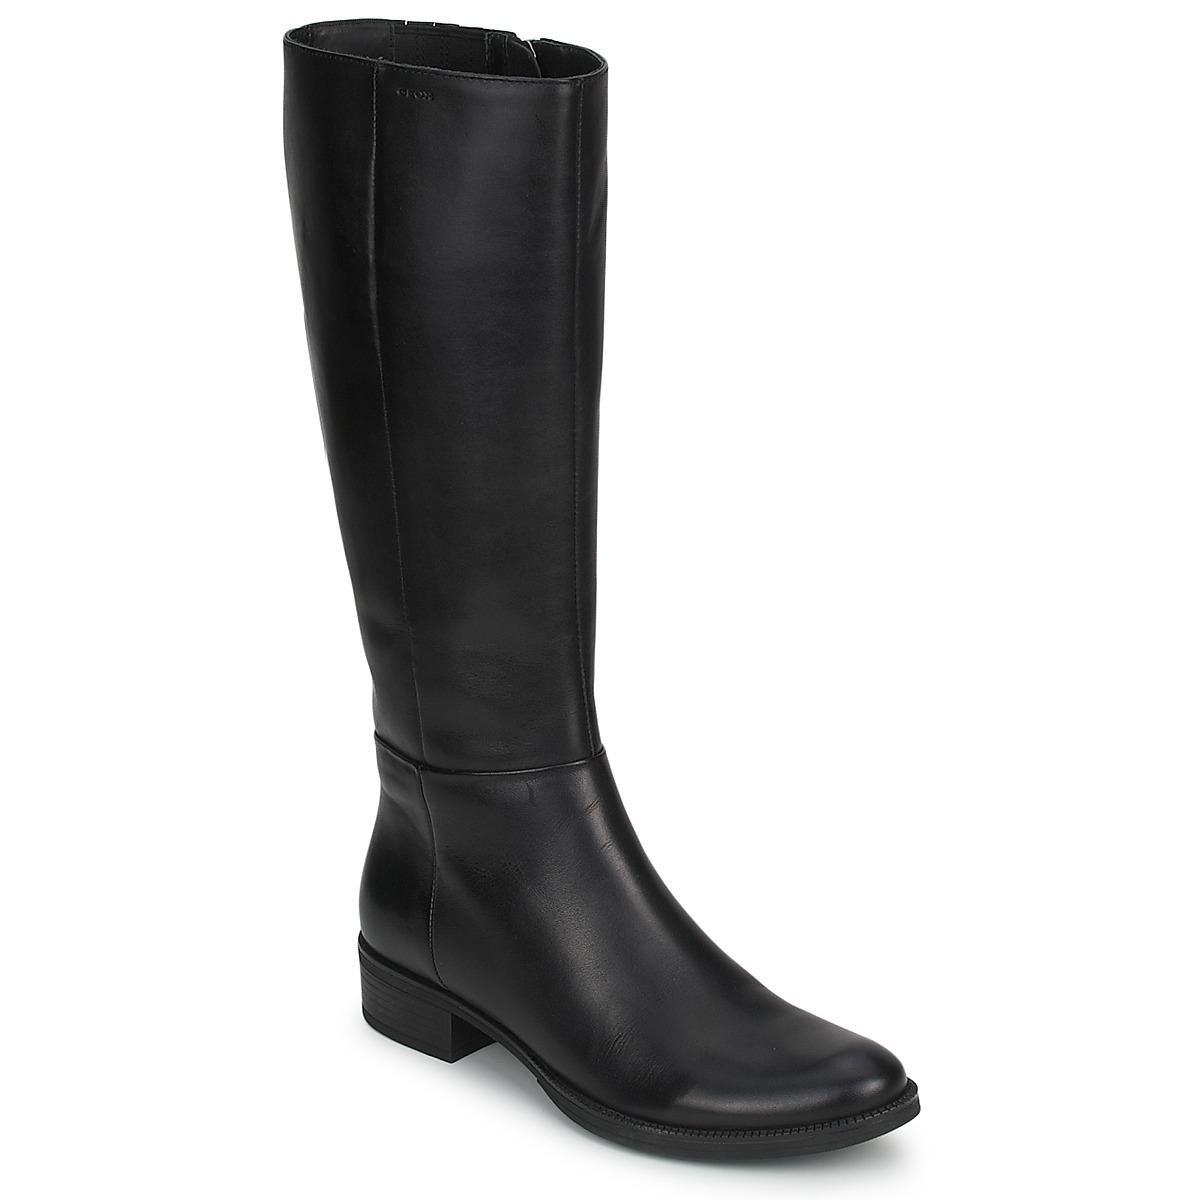 Geox MENDI STIVALI BASIC Schwarz - Kostenloser Versand bei Spartoode ! - Schuhe Klassische Stiefel Damen 101,40 €